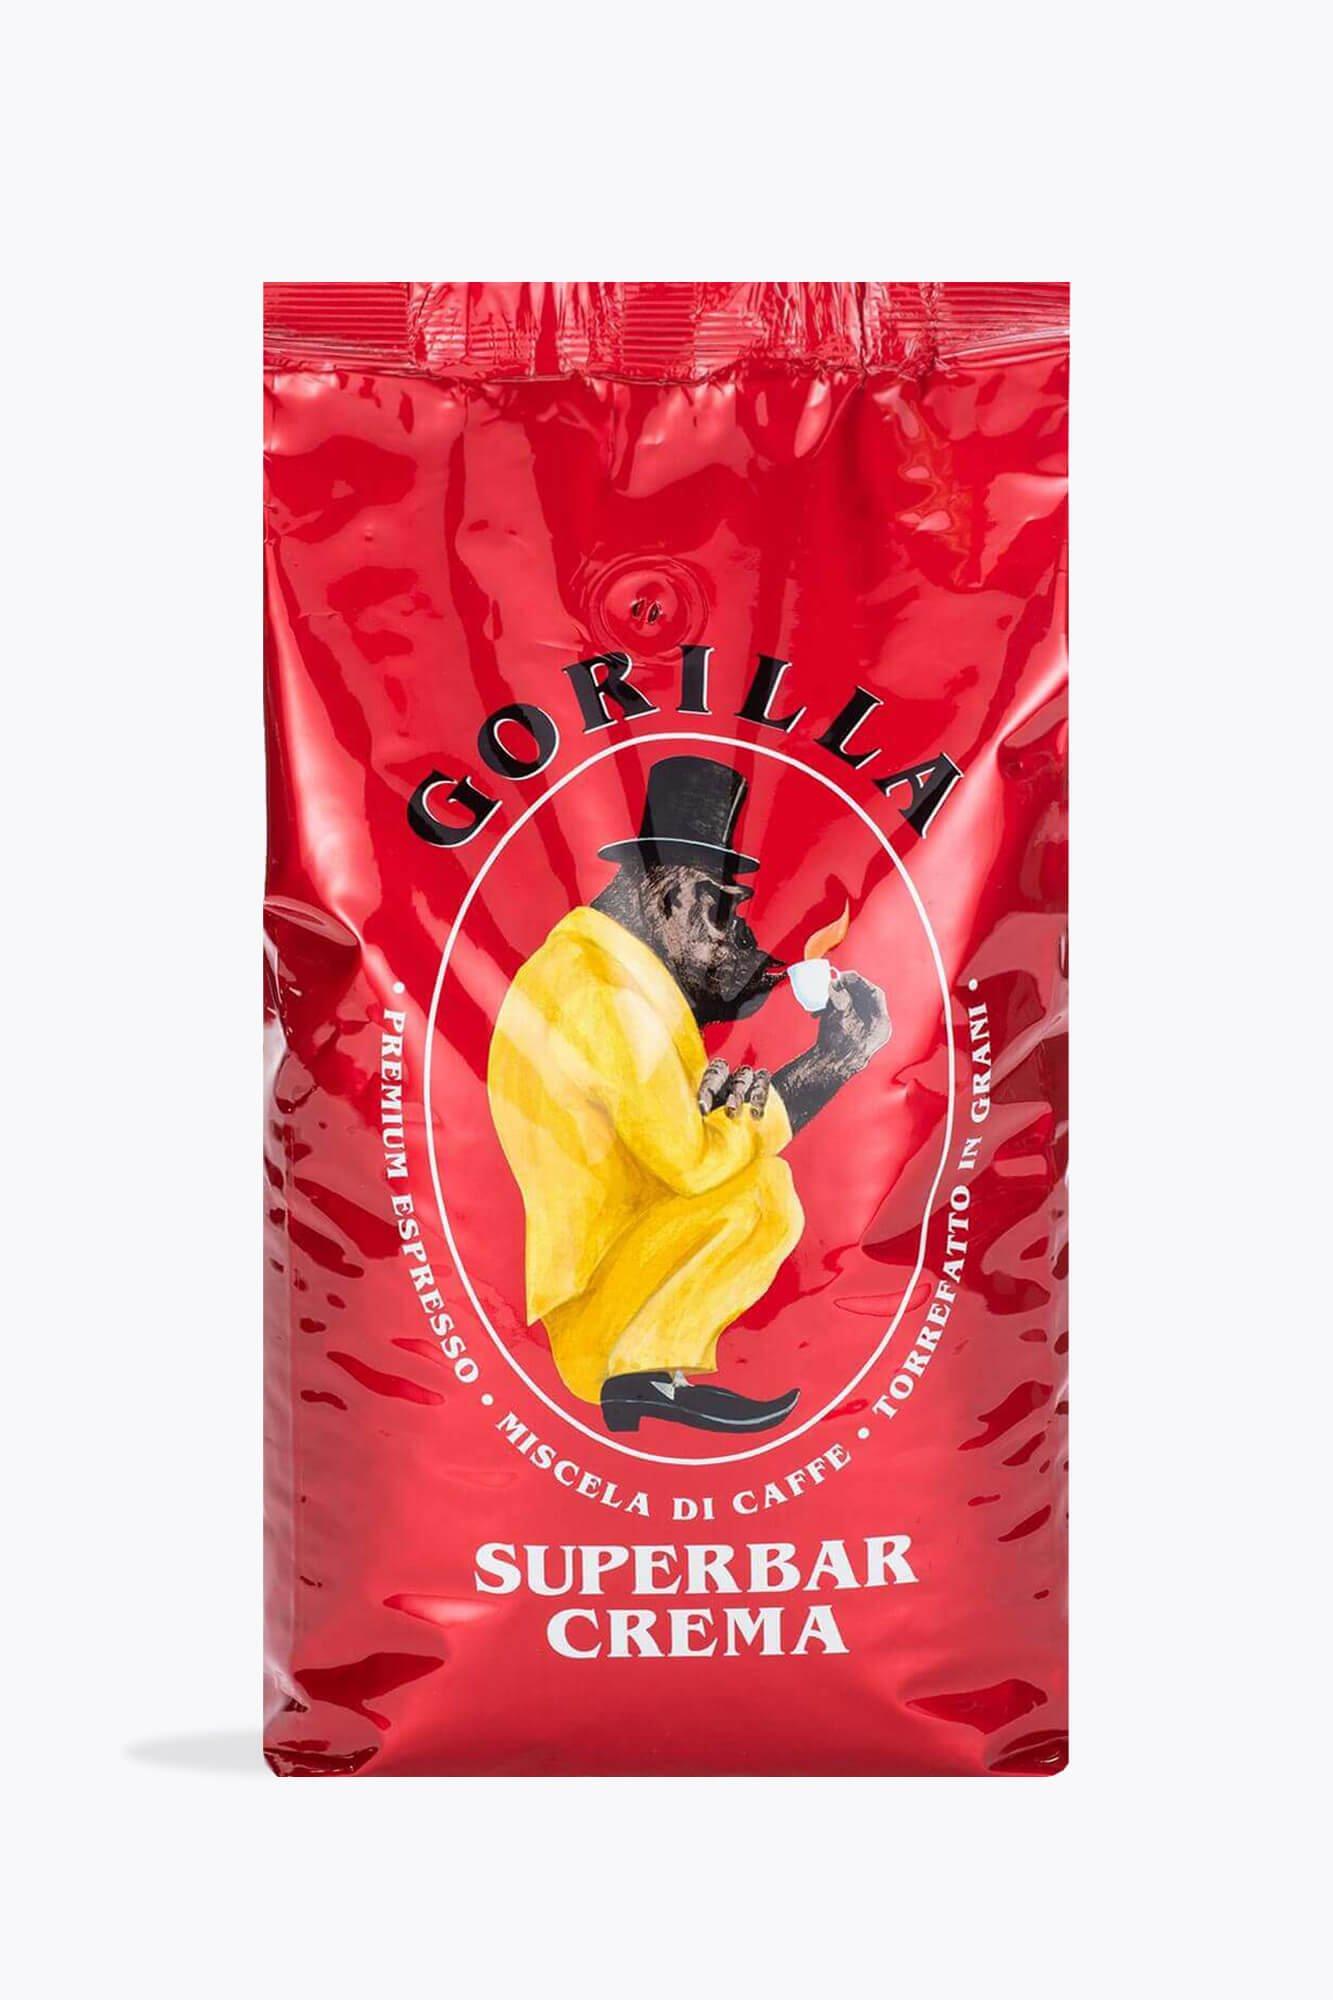 [ Roastmarktet ] Joerges Gorilla Super Bar Crema Bohnen z.B. 4 x 1kg für 46,03 da Bestellung ab 35€ VSK frei